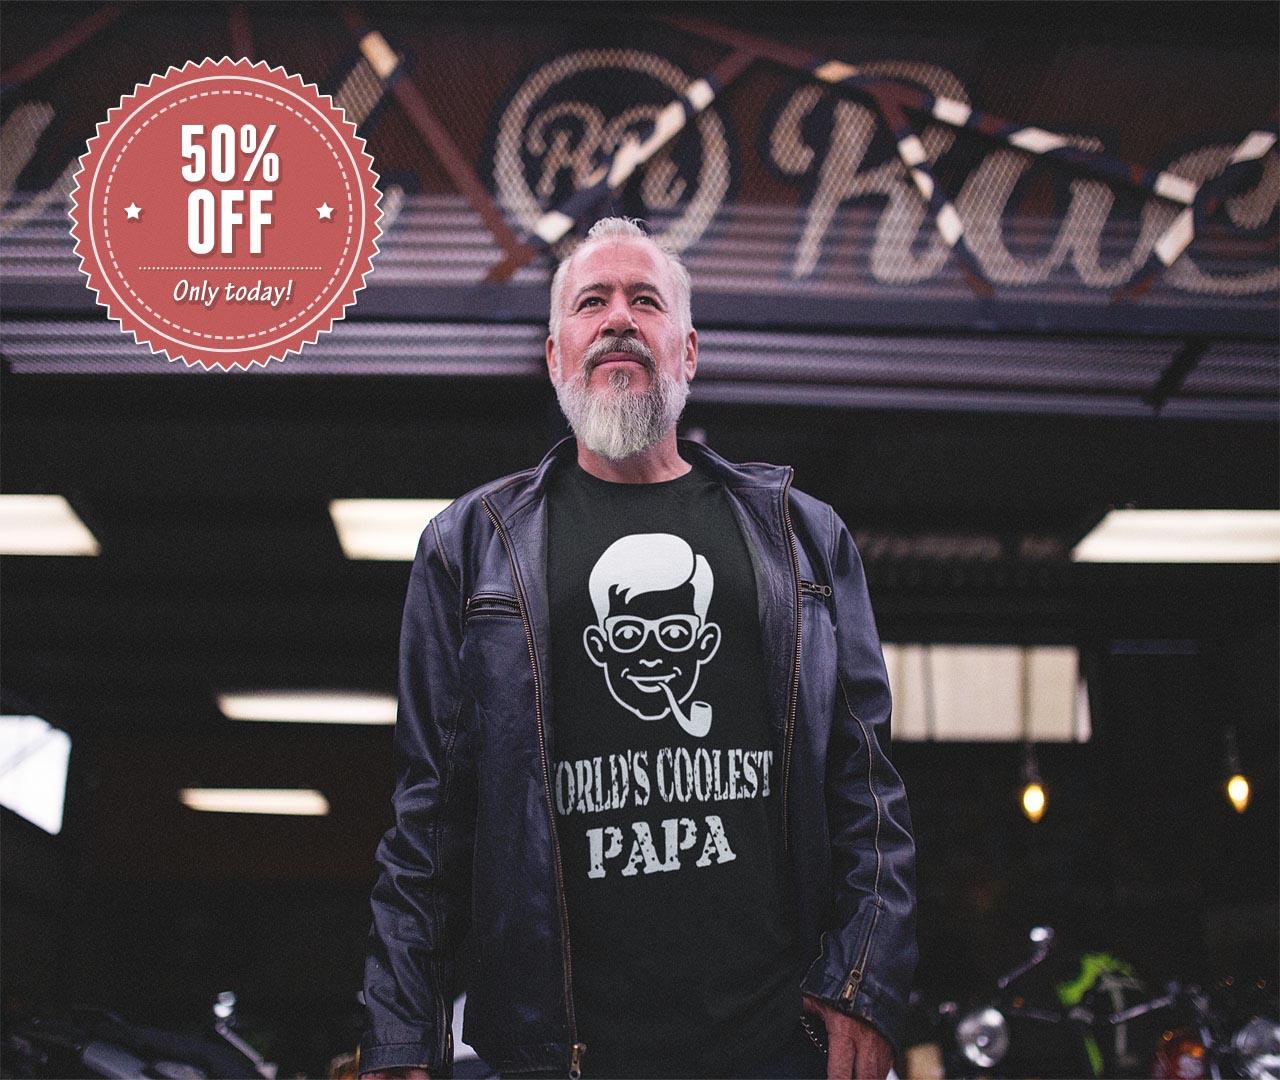 Papa T-Shirt sale